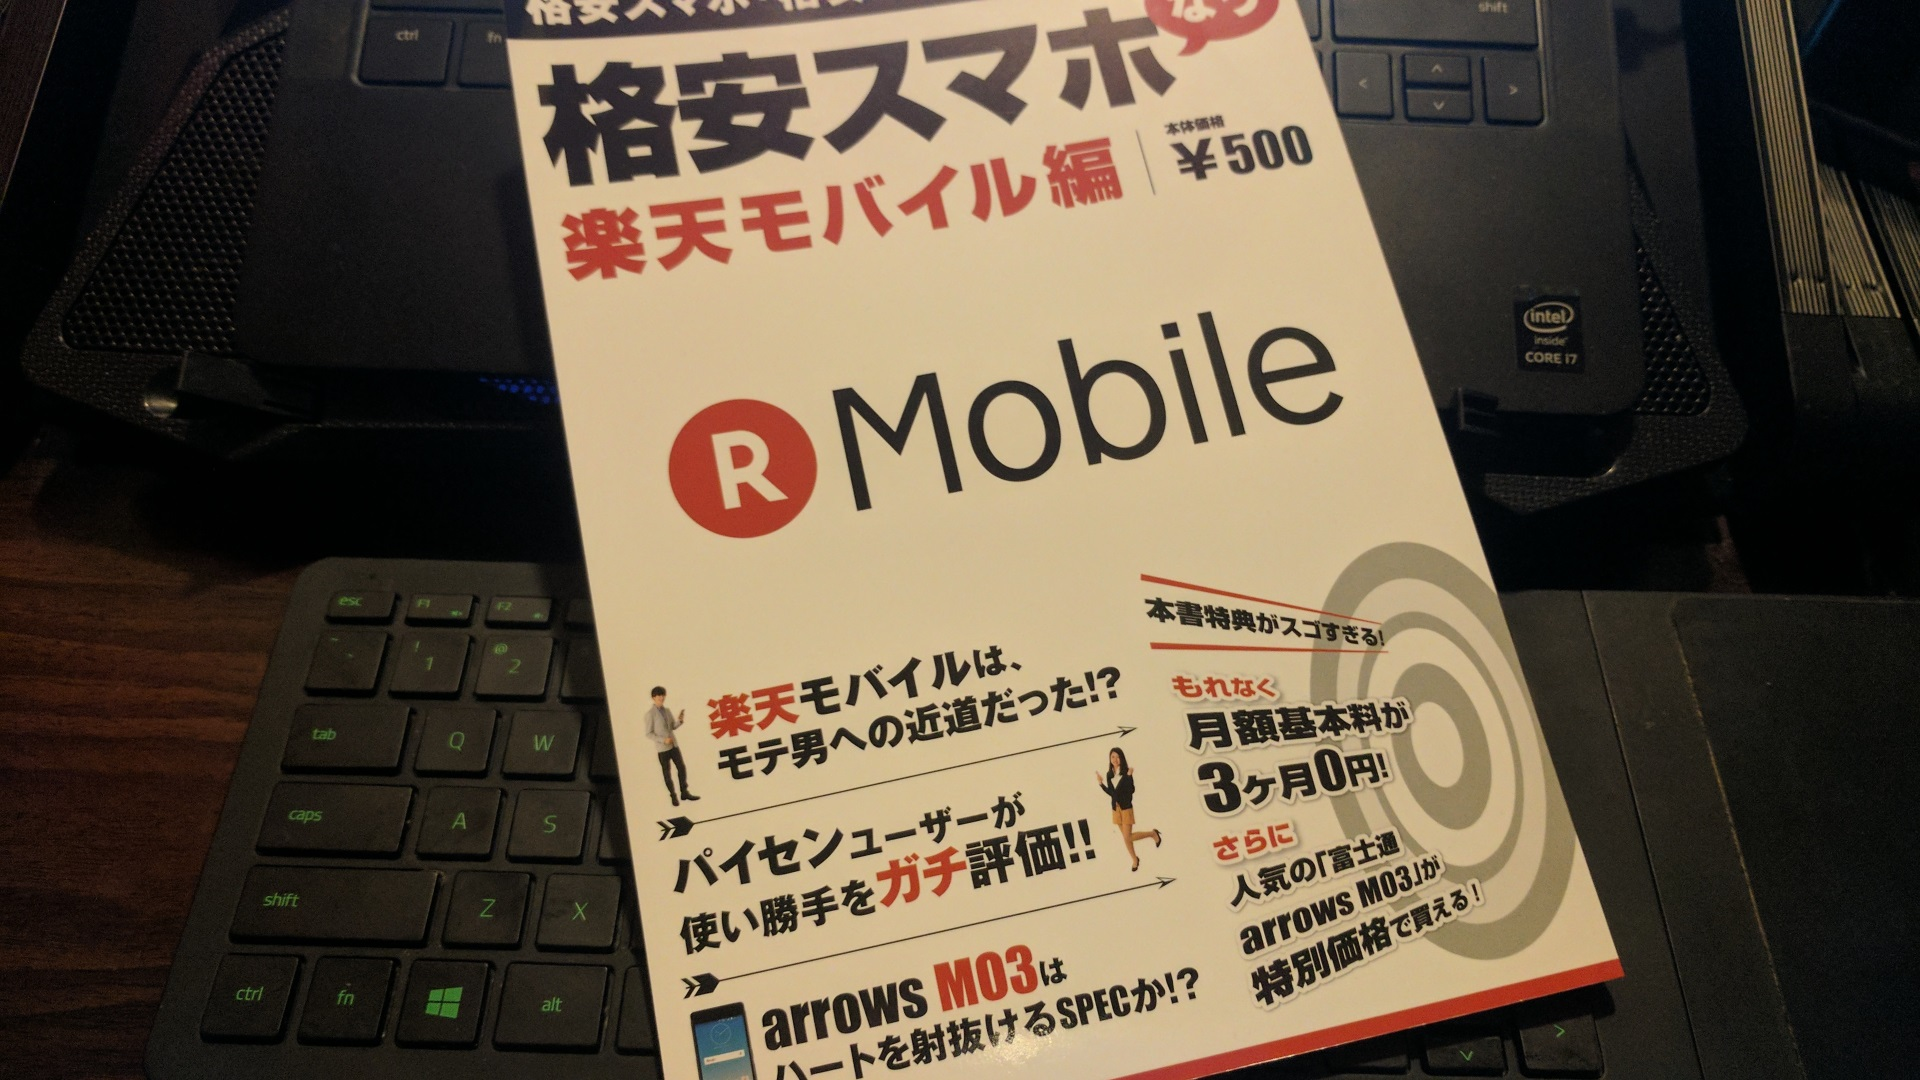 【レビュー】特典付書籍「格安スマホなう 楽天モバイル編」、格安SIM初心者向けで応用も効く感じ